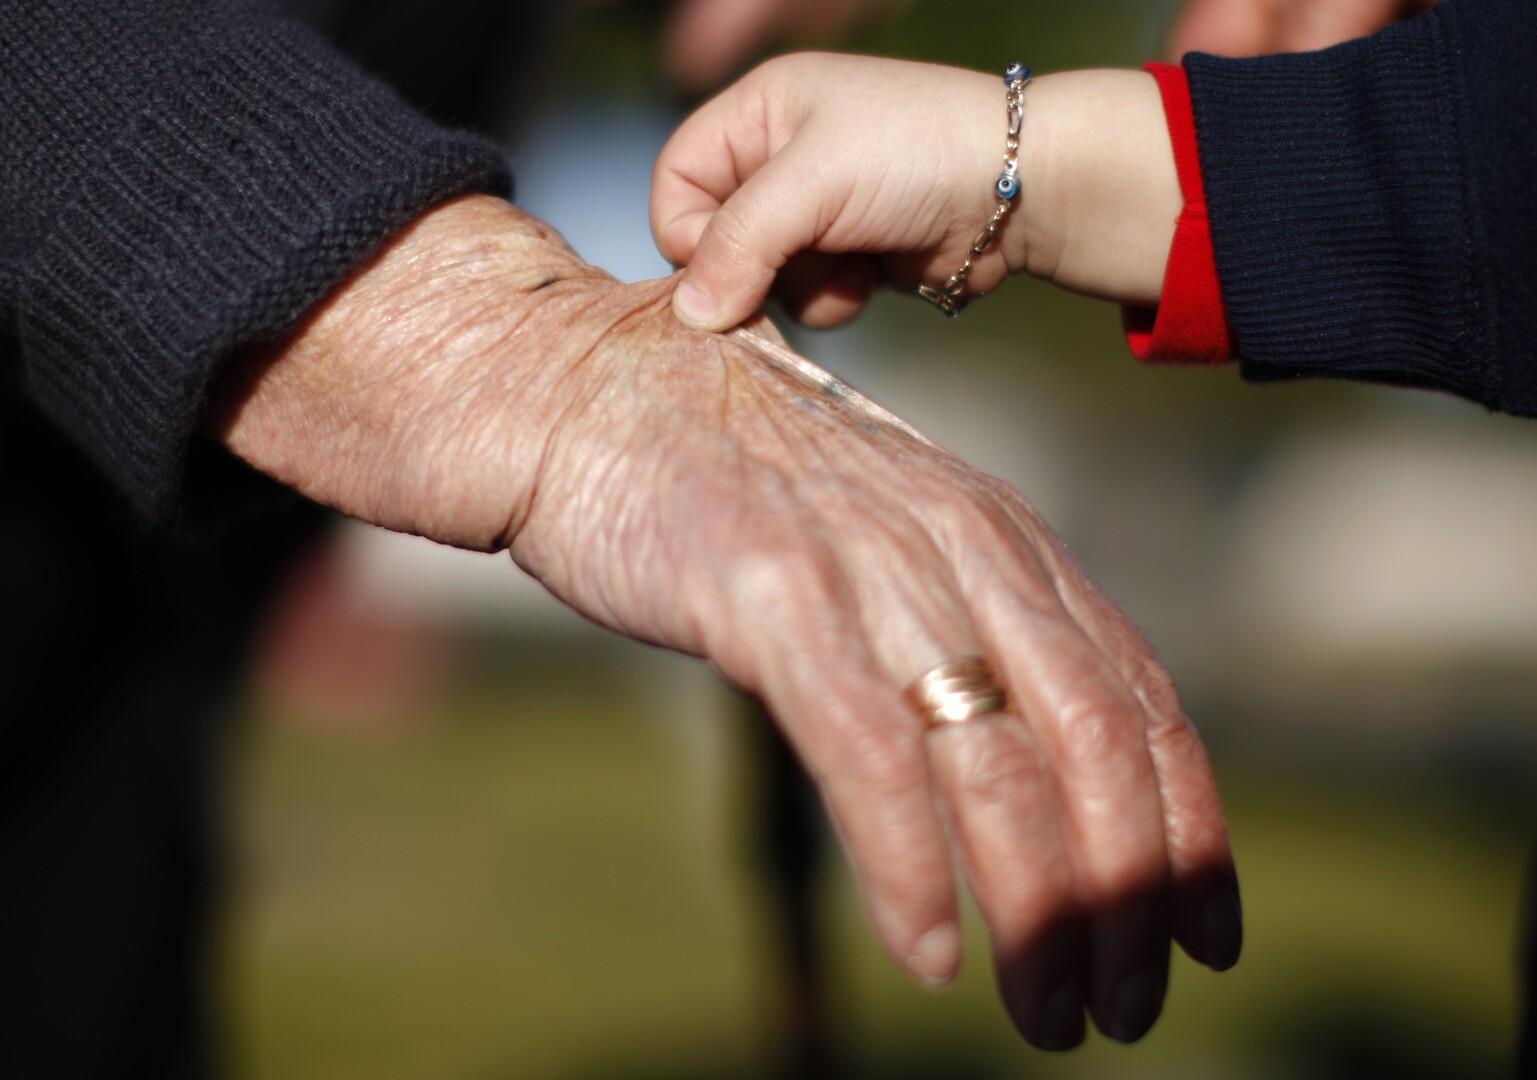 خبير يجد تفسيرا لاختلاف الشيخوخة بين البشر